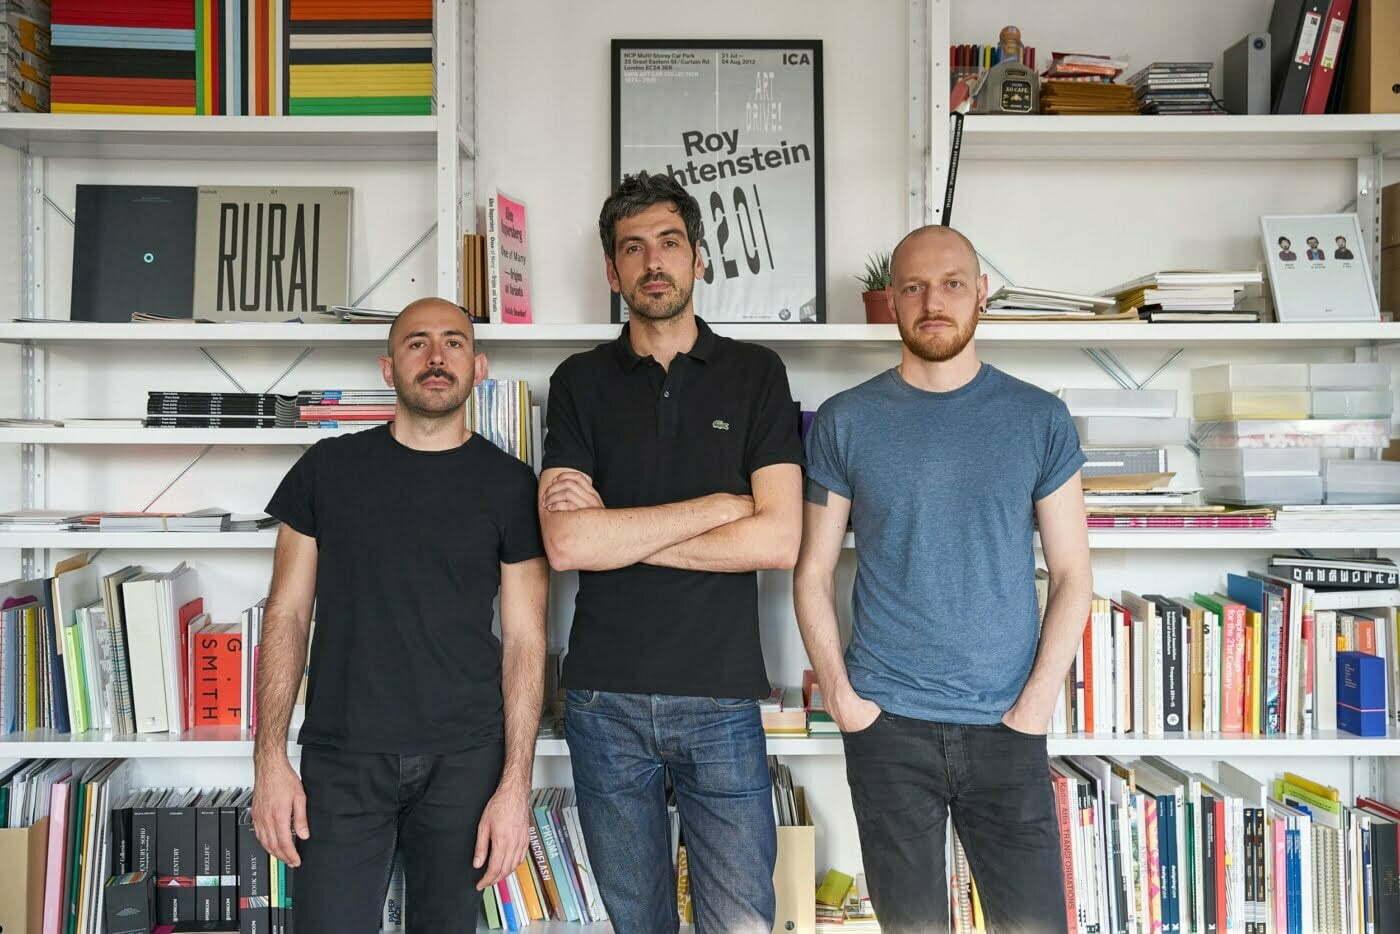 Hugo é o terceiro da foto, de camiseta azul clara. À esquerda está Valerio e, no meio, Erwan. Os sócios do estúdio Julia se conheceram no mestrado e decidiram empreender juntos.